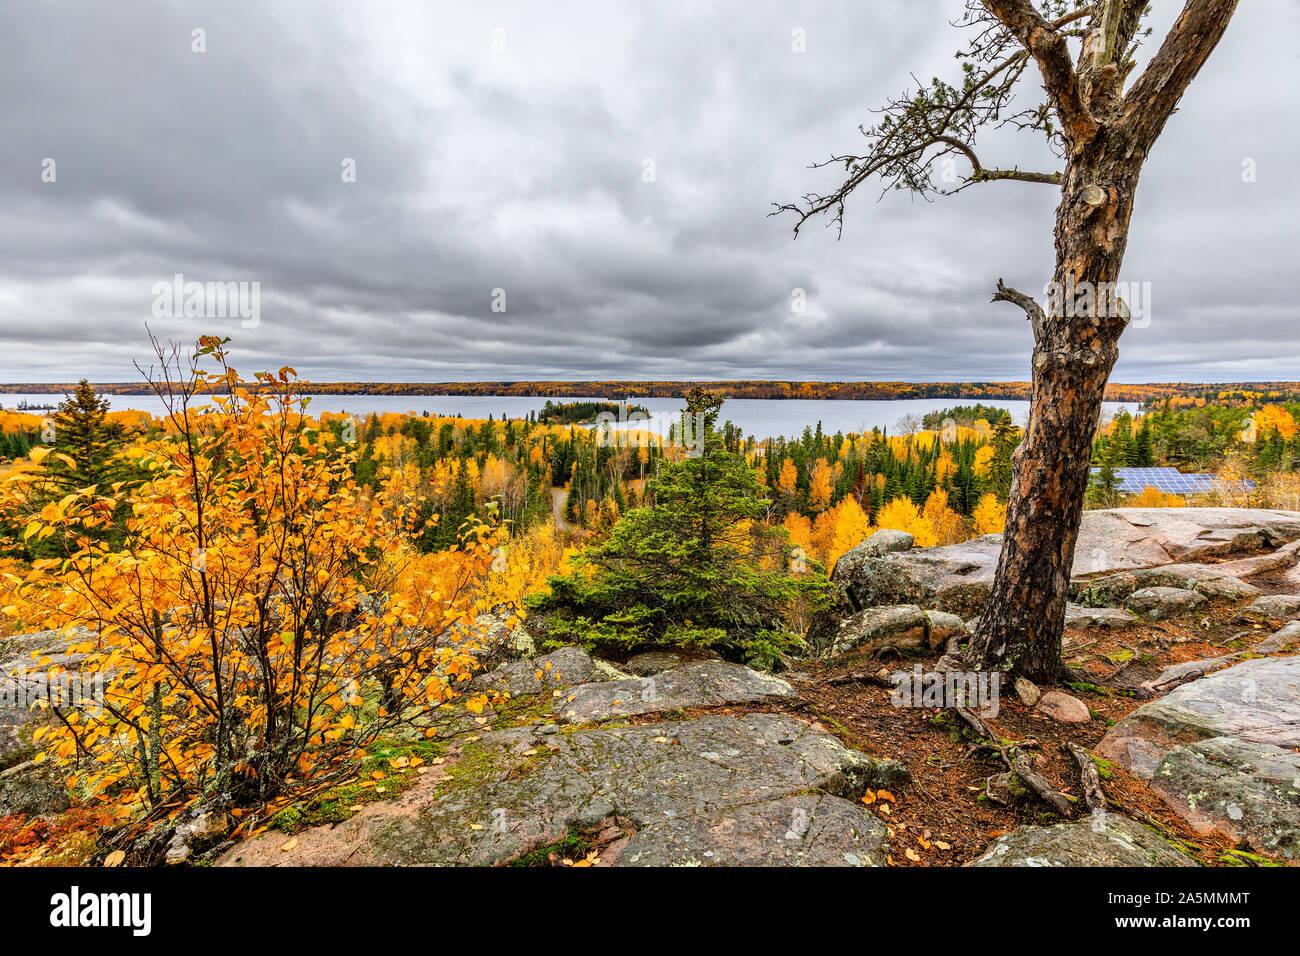 Haut du monde donnent sur la piste, à l'automne, le parc provincial du Whiteshell, Manitoba, Canada. Banque D'Images